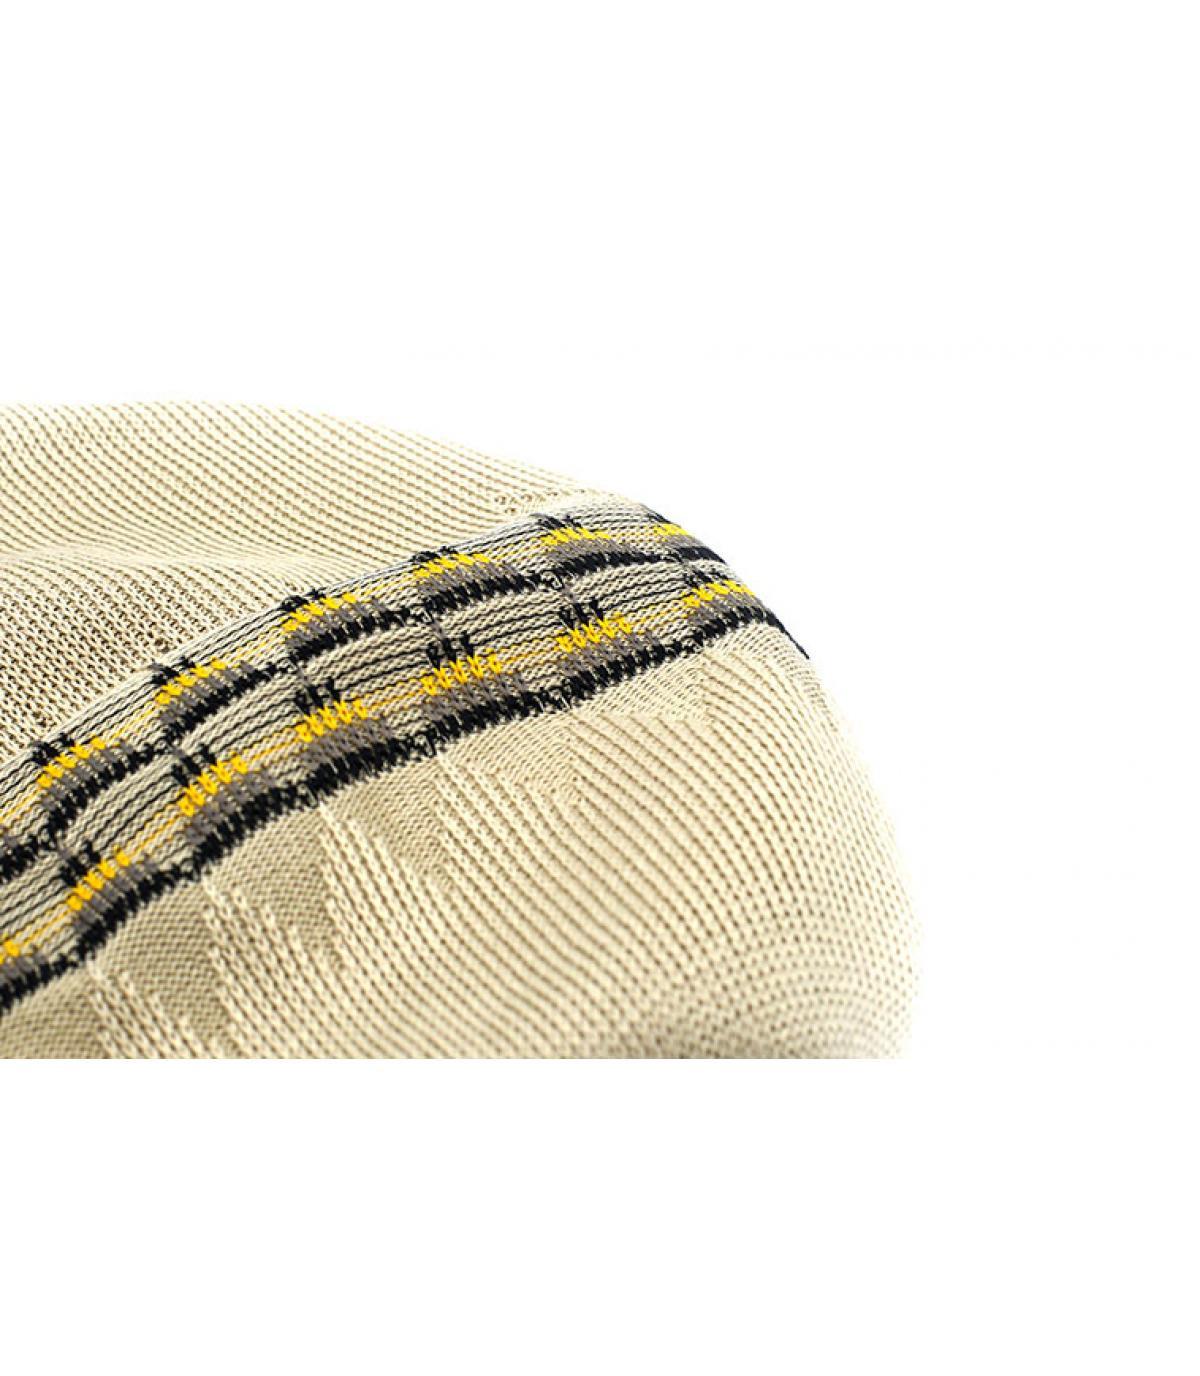 Details Argyle 504 beige - Abbildung 3